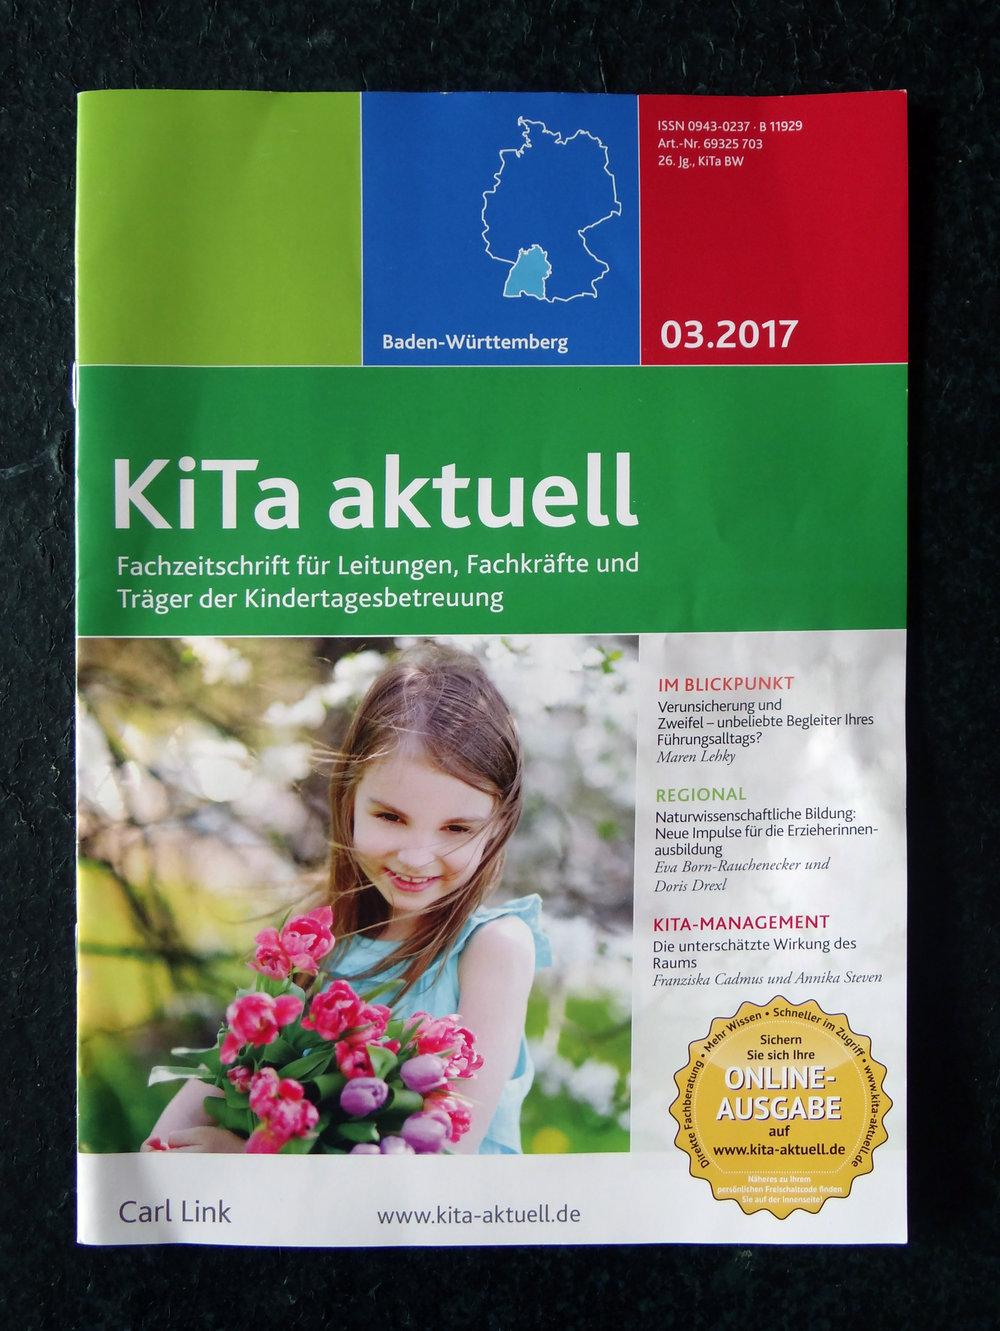 März 2017: KiTa aktuell